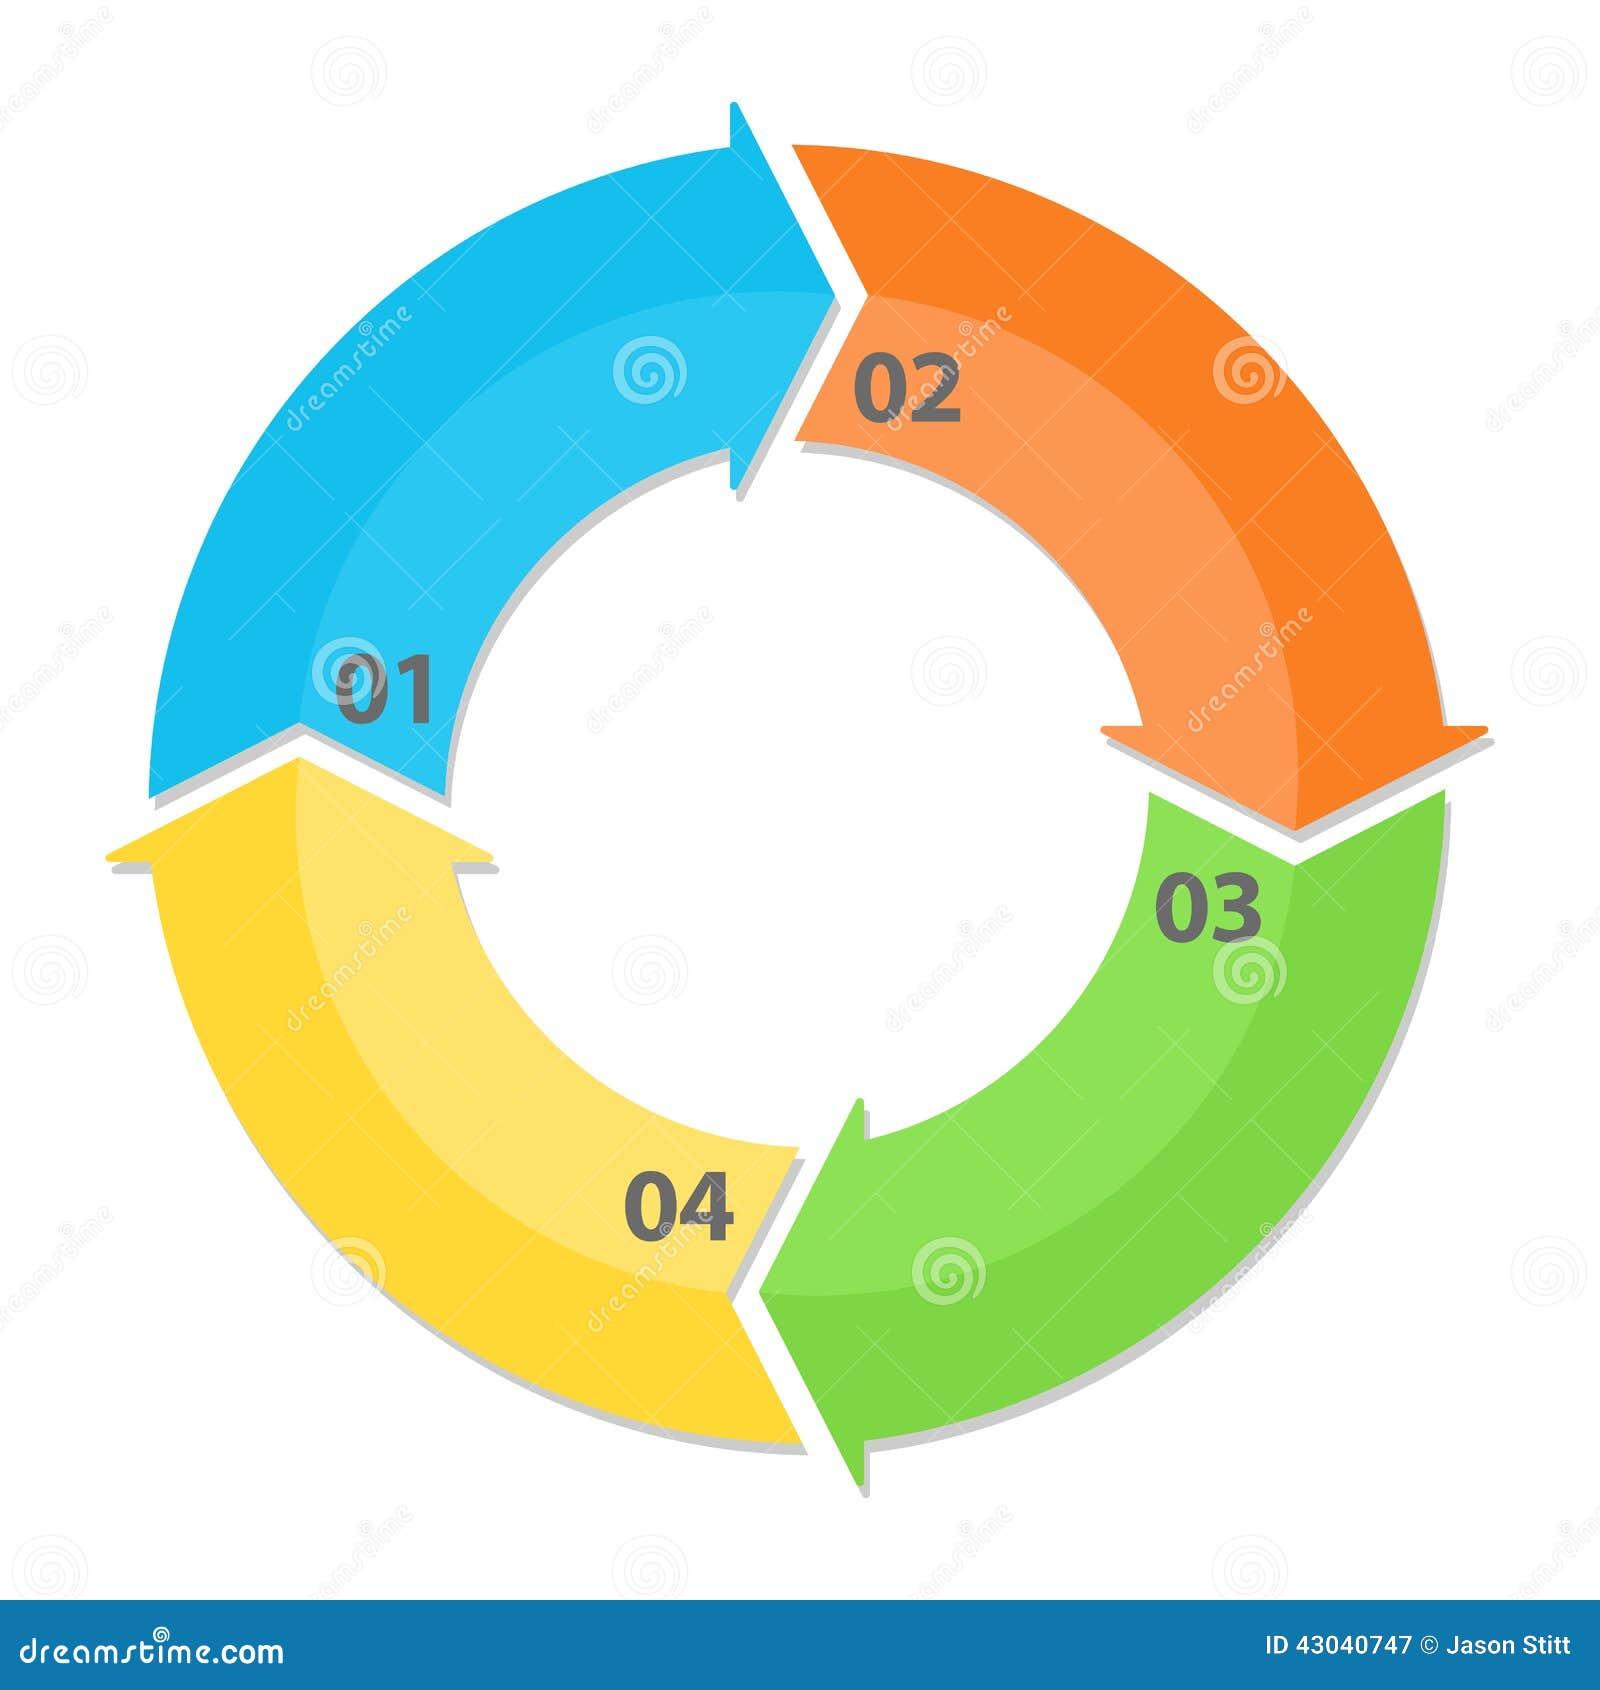 Circle arrows diagram stock vector image 43040747 for Raumgestaltung 3d kostenlos downloaden